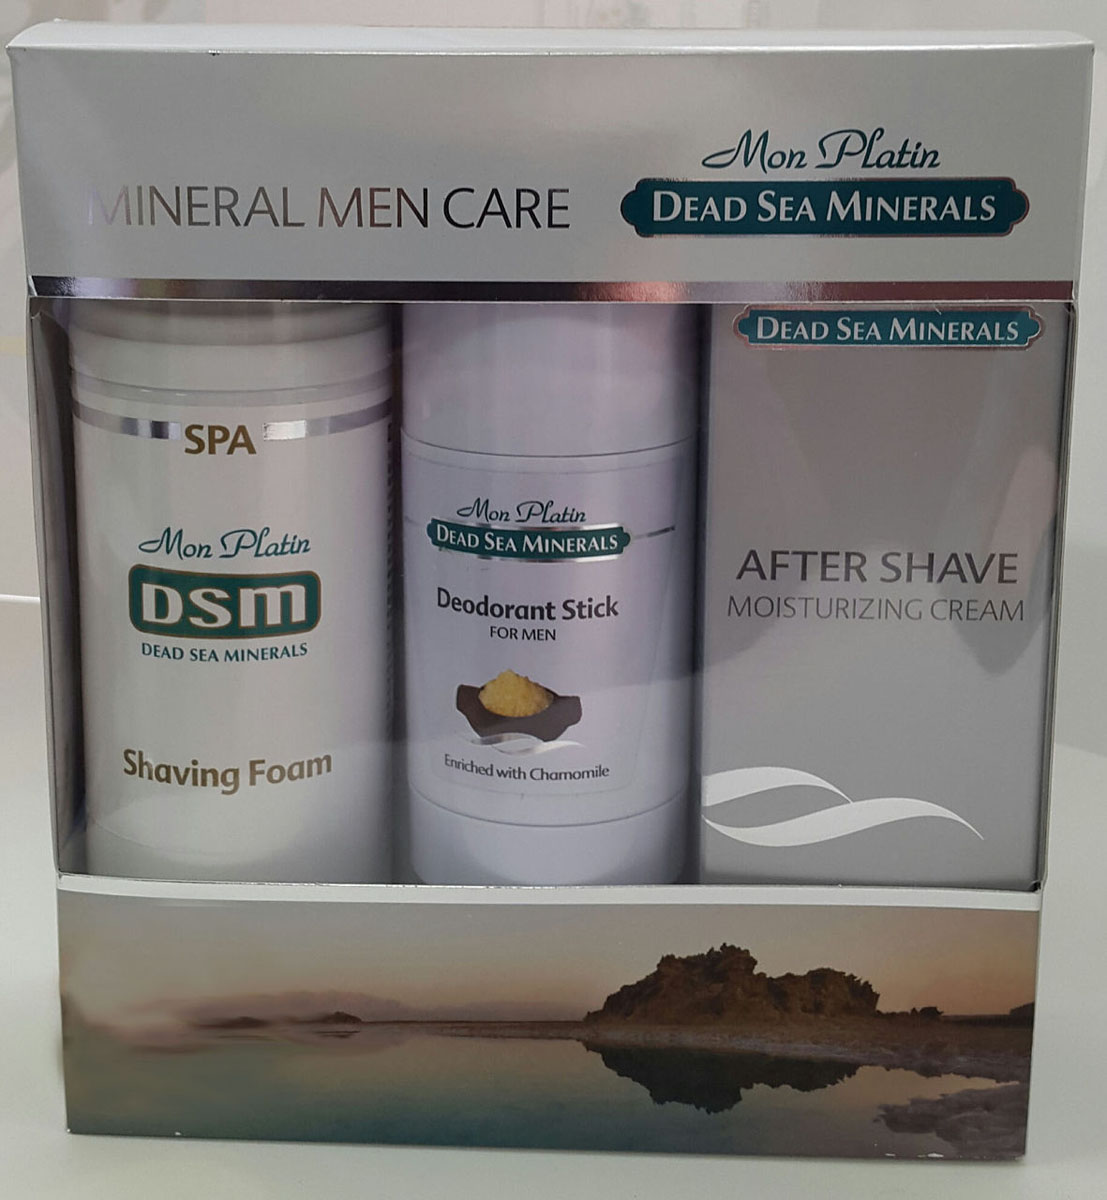 Mon Platin DSM Подарочный набор для мужчин для лица (Увлажняющая эмульсия после бритья 150 мл, Пена для бритья 250 мл, Дезодорант для мужчин 80 мл )